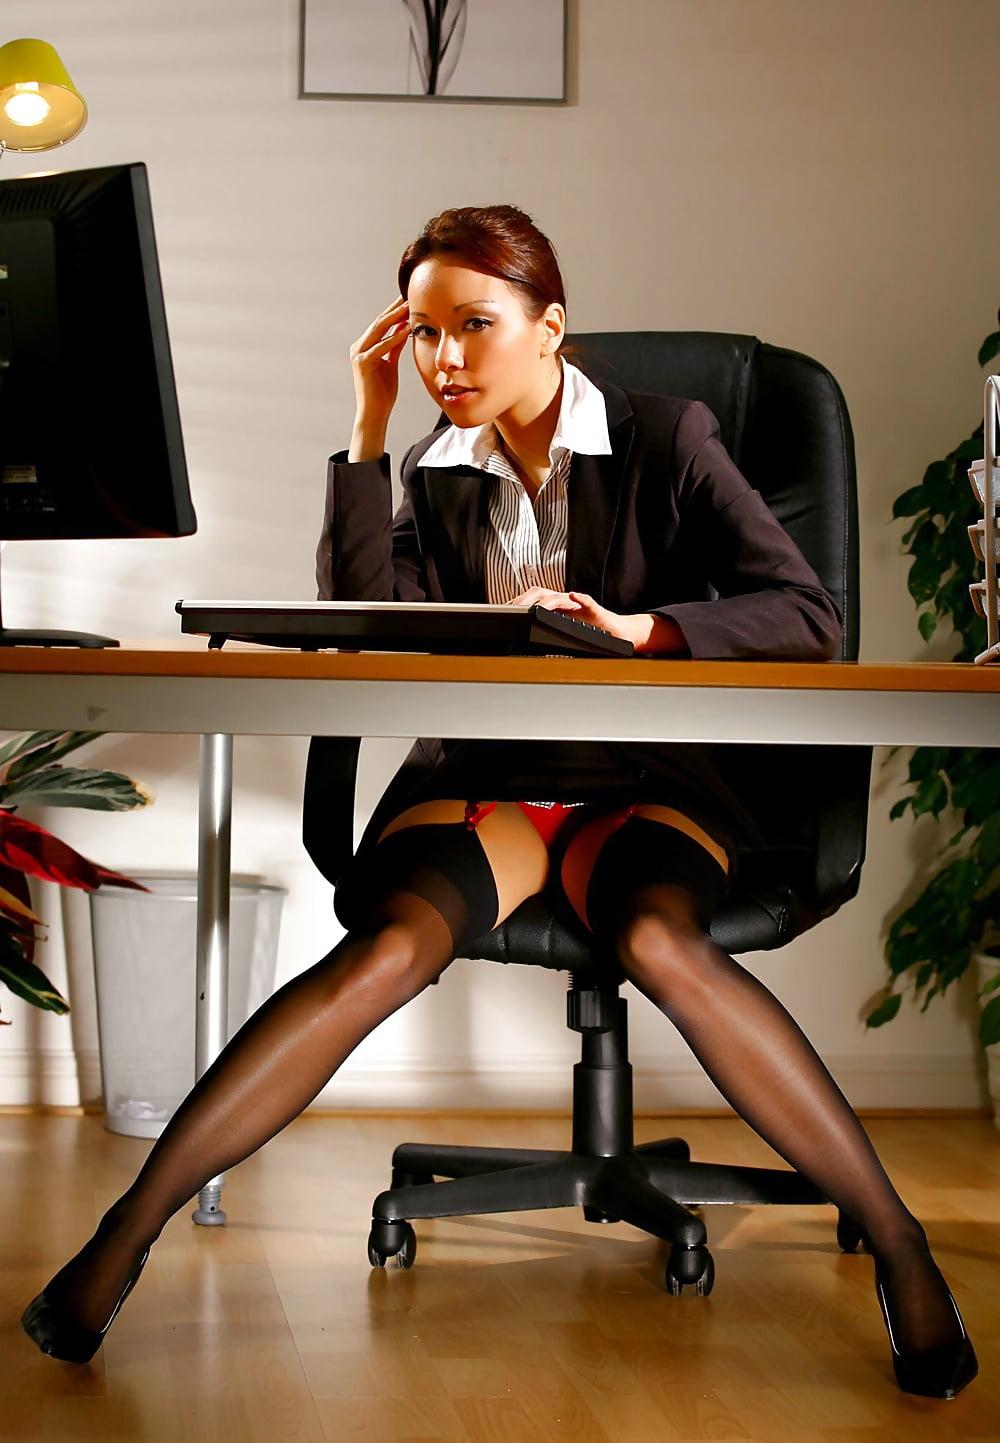 seksualno-odelas-dlya-bossa-sekretarsha-video